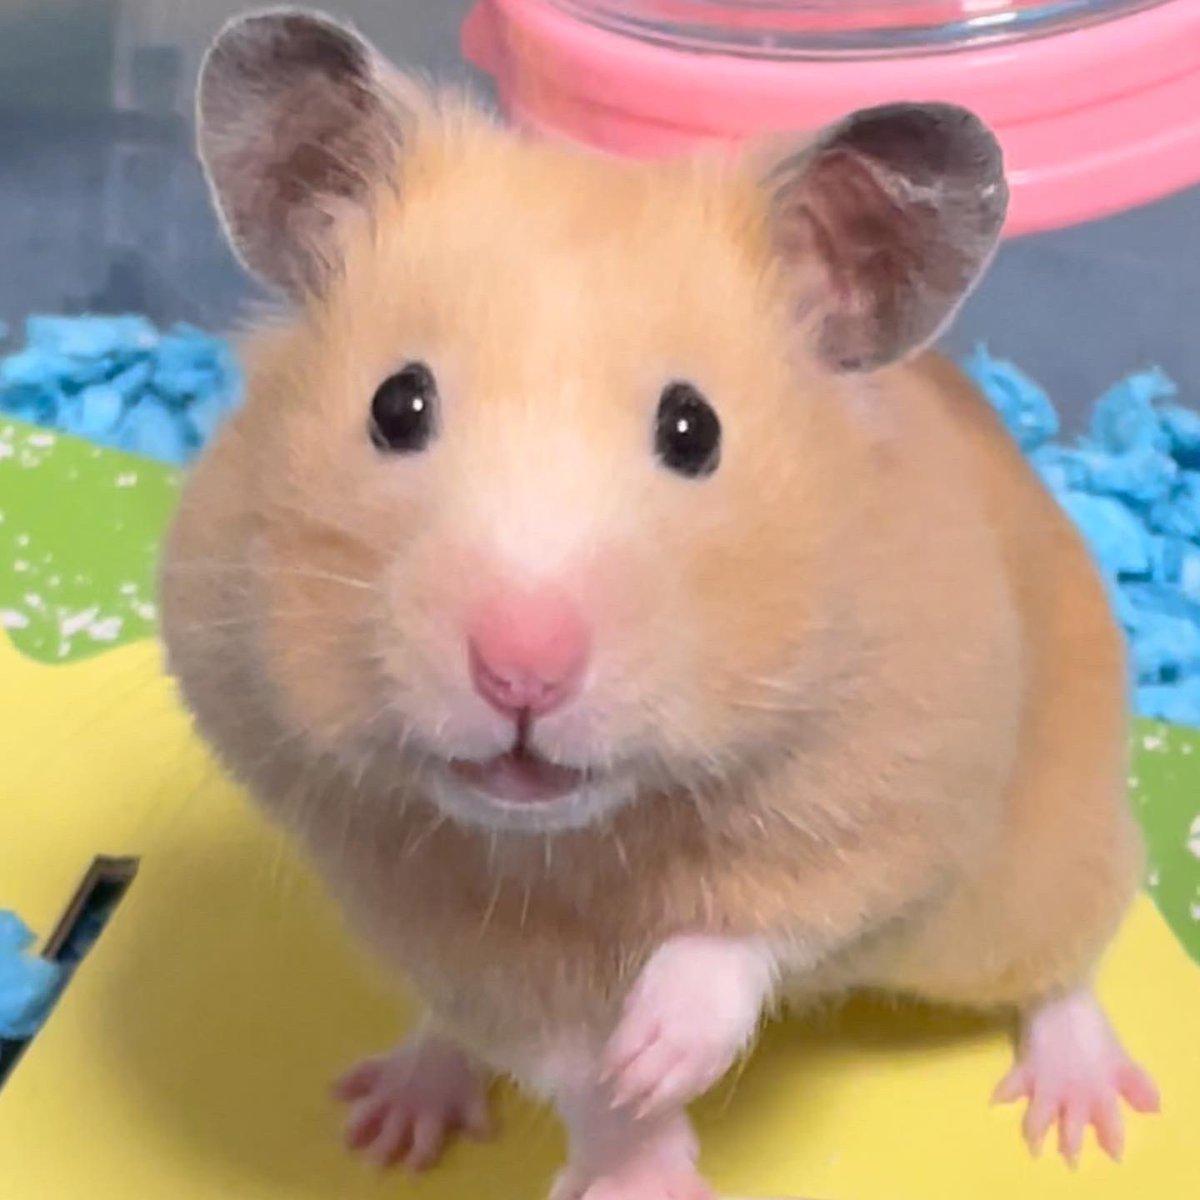 本日のベストショットです😊この度、スズリにてモロンちゃんのオリジナルアイテムをリリースしました^ ^良かったら観に来てください✨URL  #suzuri#キンクマグラム  #hamsterlover #ハムスター #キンクマ  #キンクマハムスター